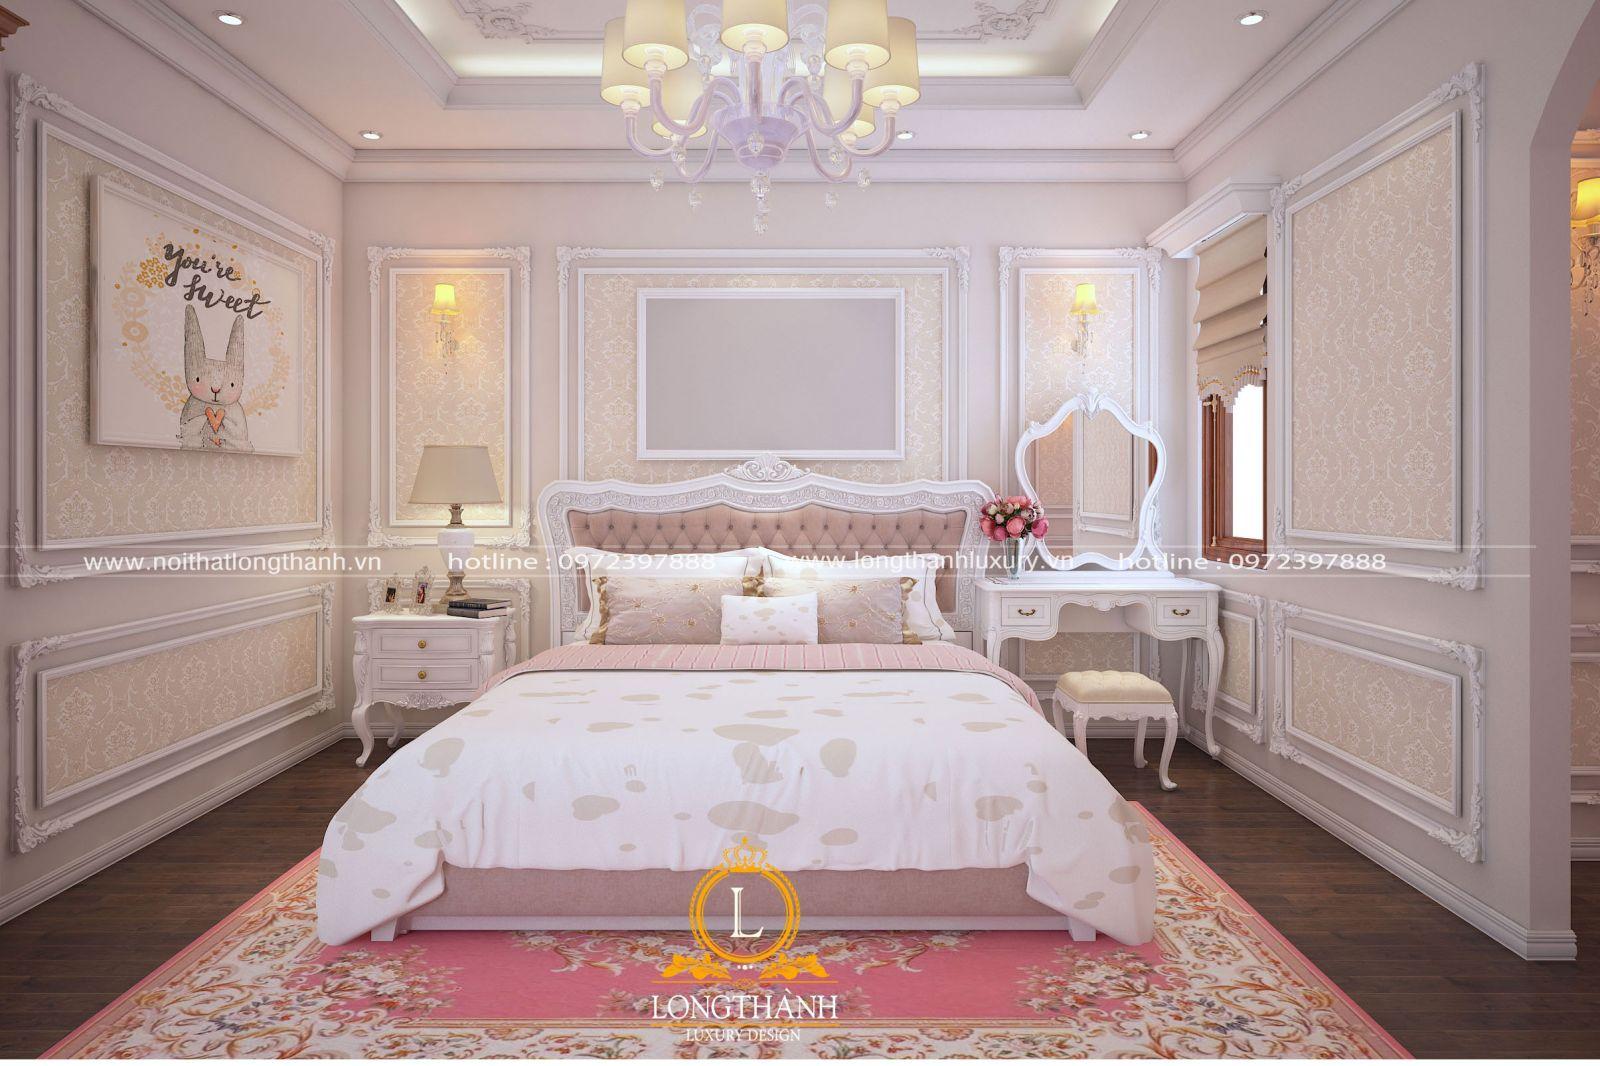 Thiết kế không gian nội thất phòng con gái với đầy đủ tiện nghi cơ bản